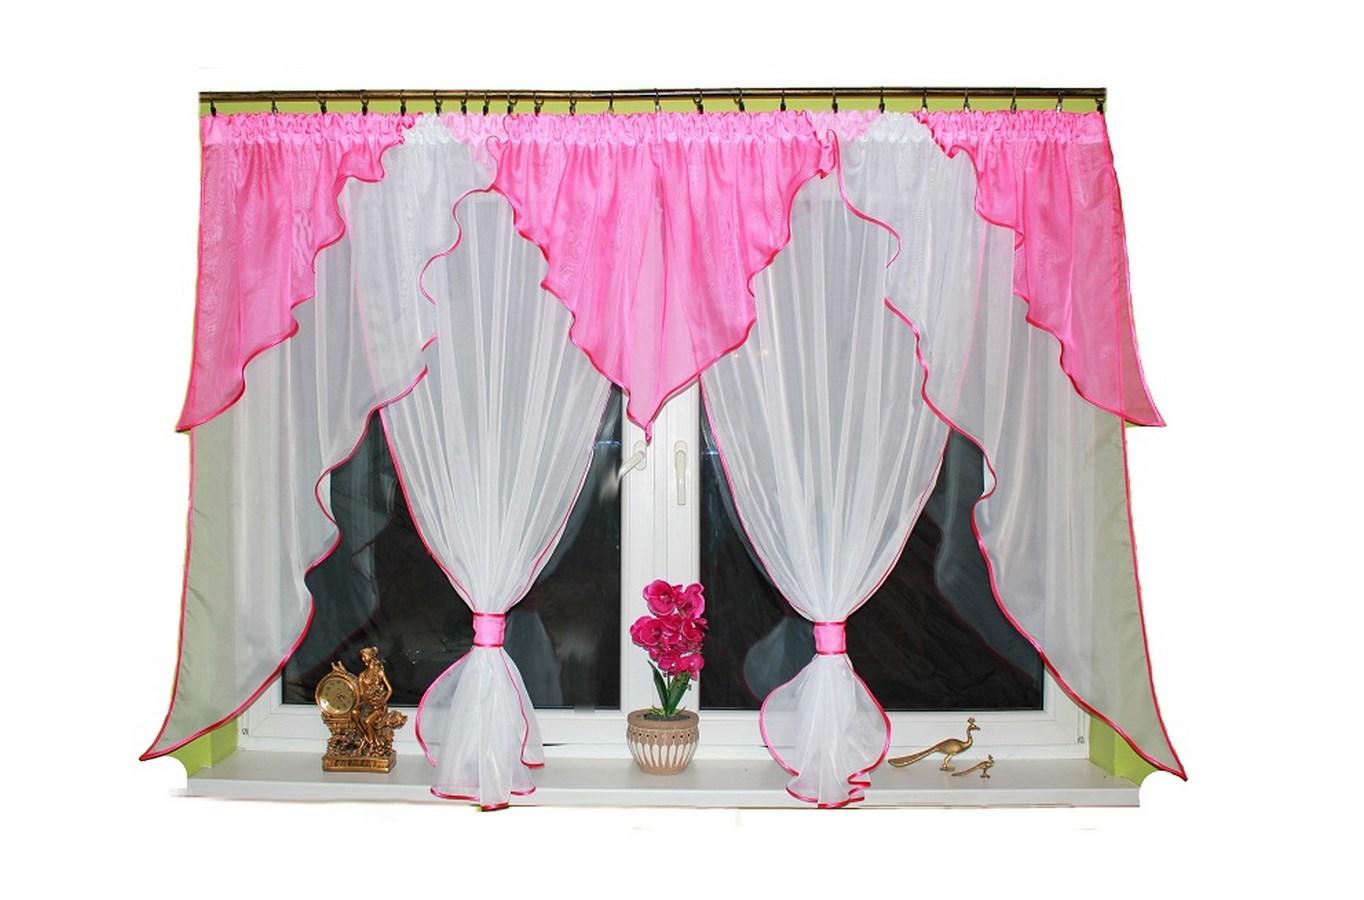 Hotová voálová záclona Carmen II 400x150cm různé barvy Barva: Tmavě růžová, Rozměr: 400x150cm